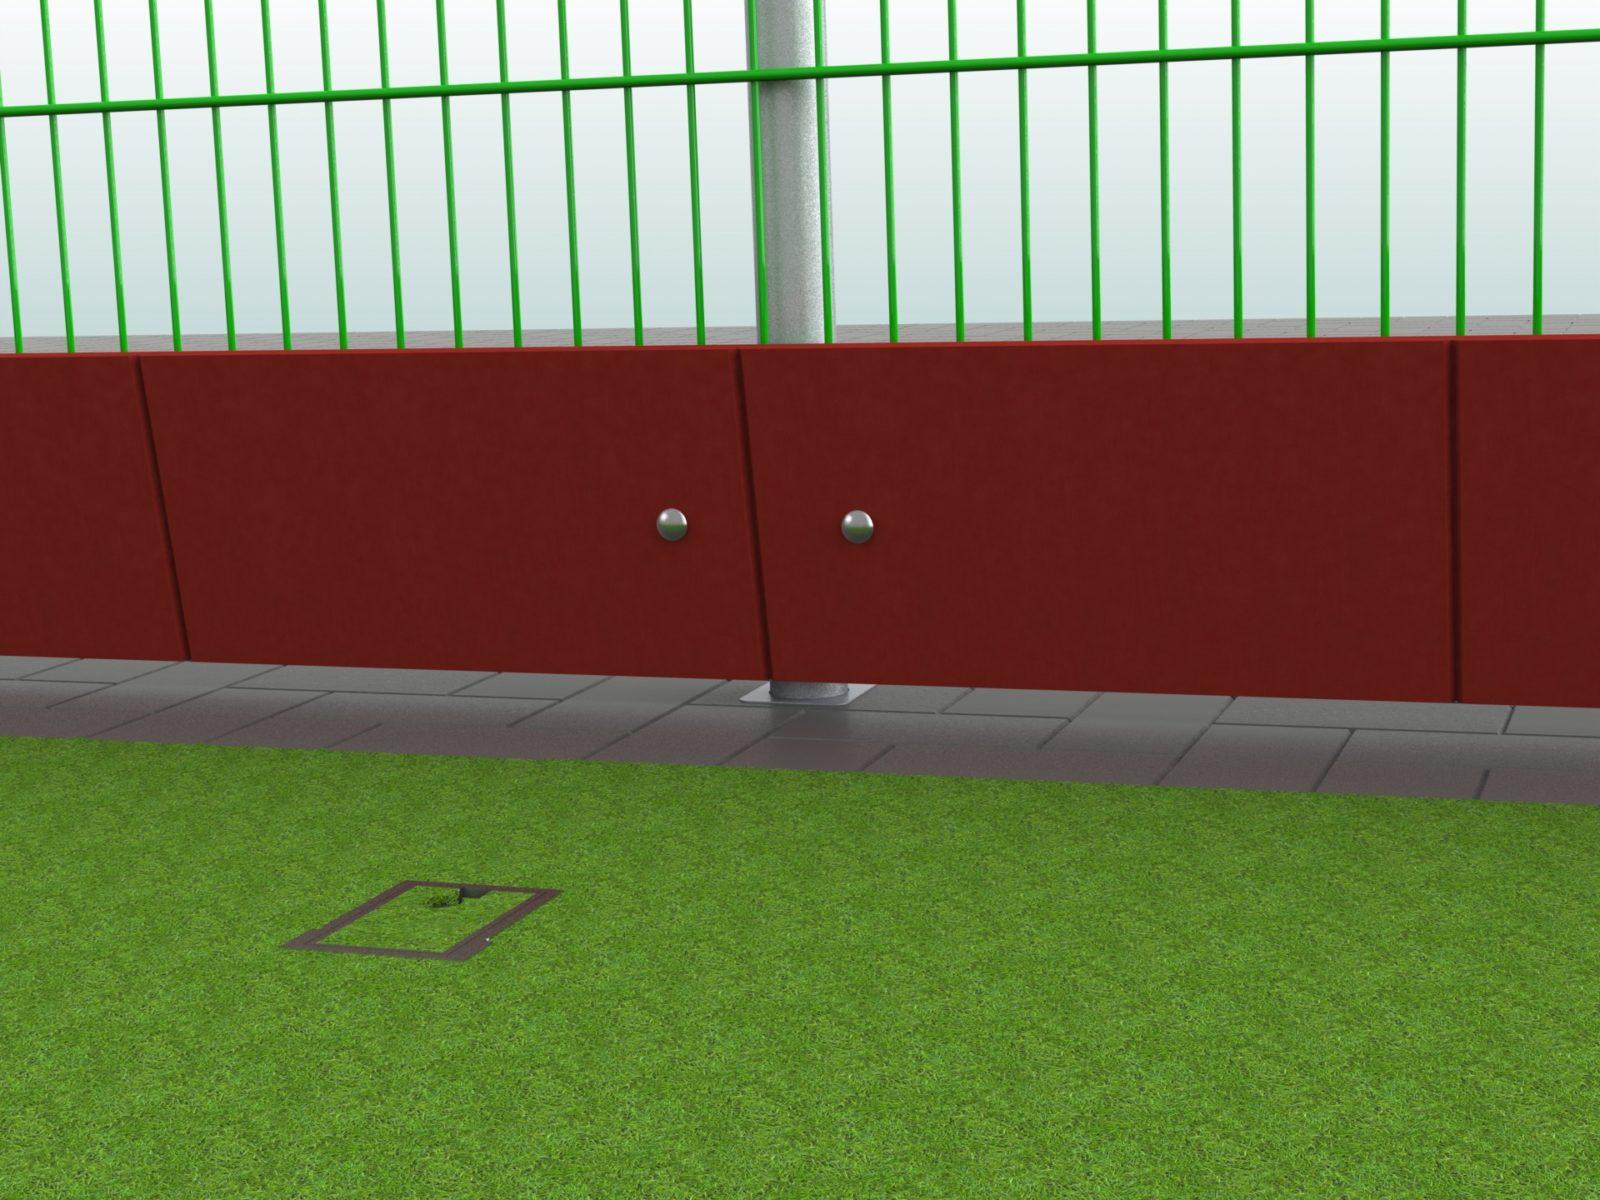 Prallschutzbohle für Hockeyfelder aus Aluminium / Kunststoff von artec Sportgeräte 180 m